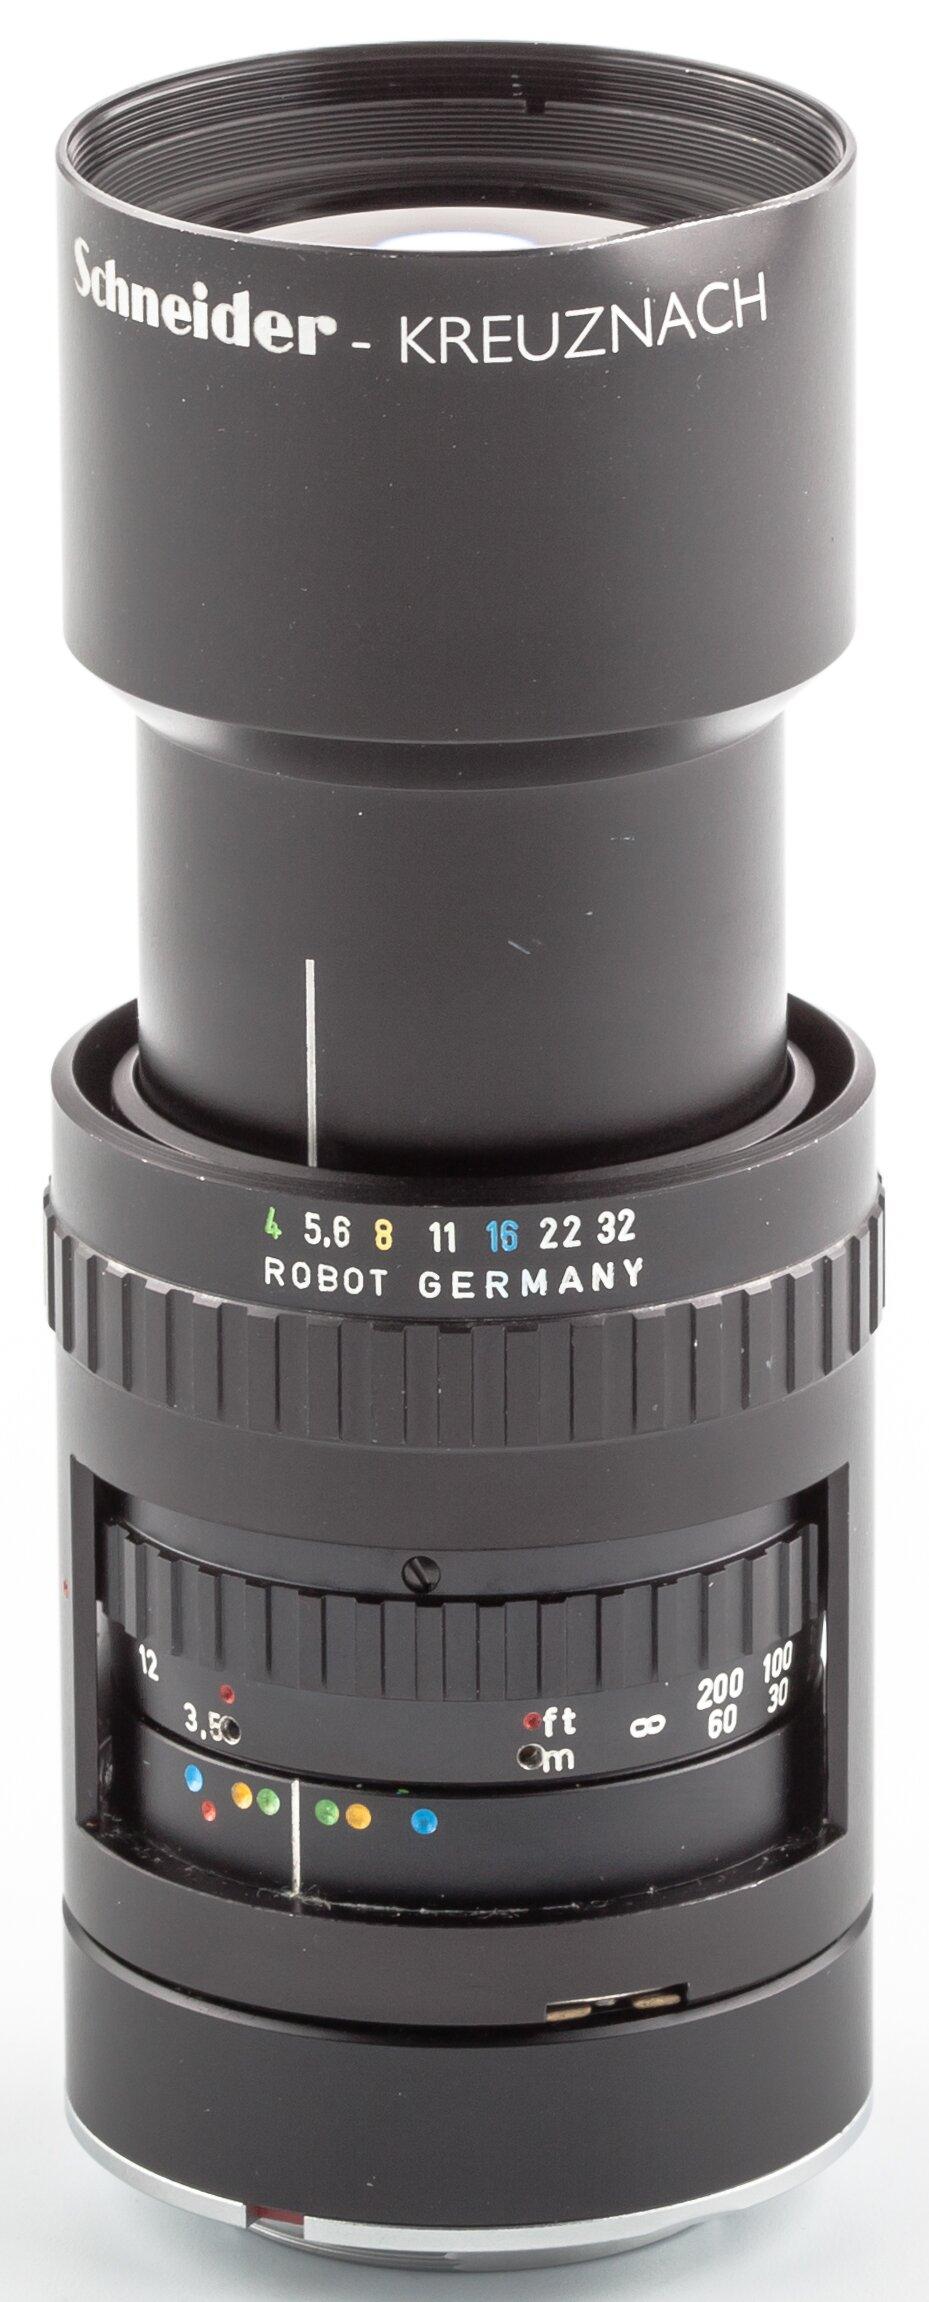 Schneider Tele-Xenar 4/150 mm Robot